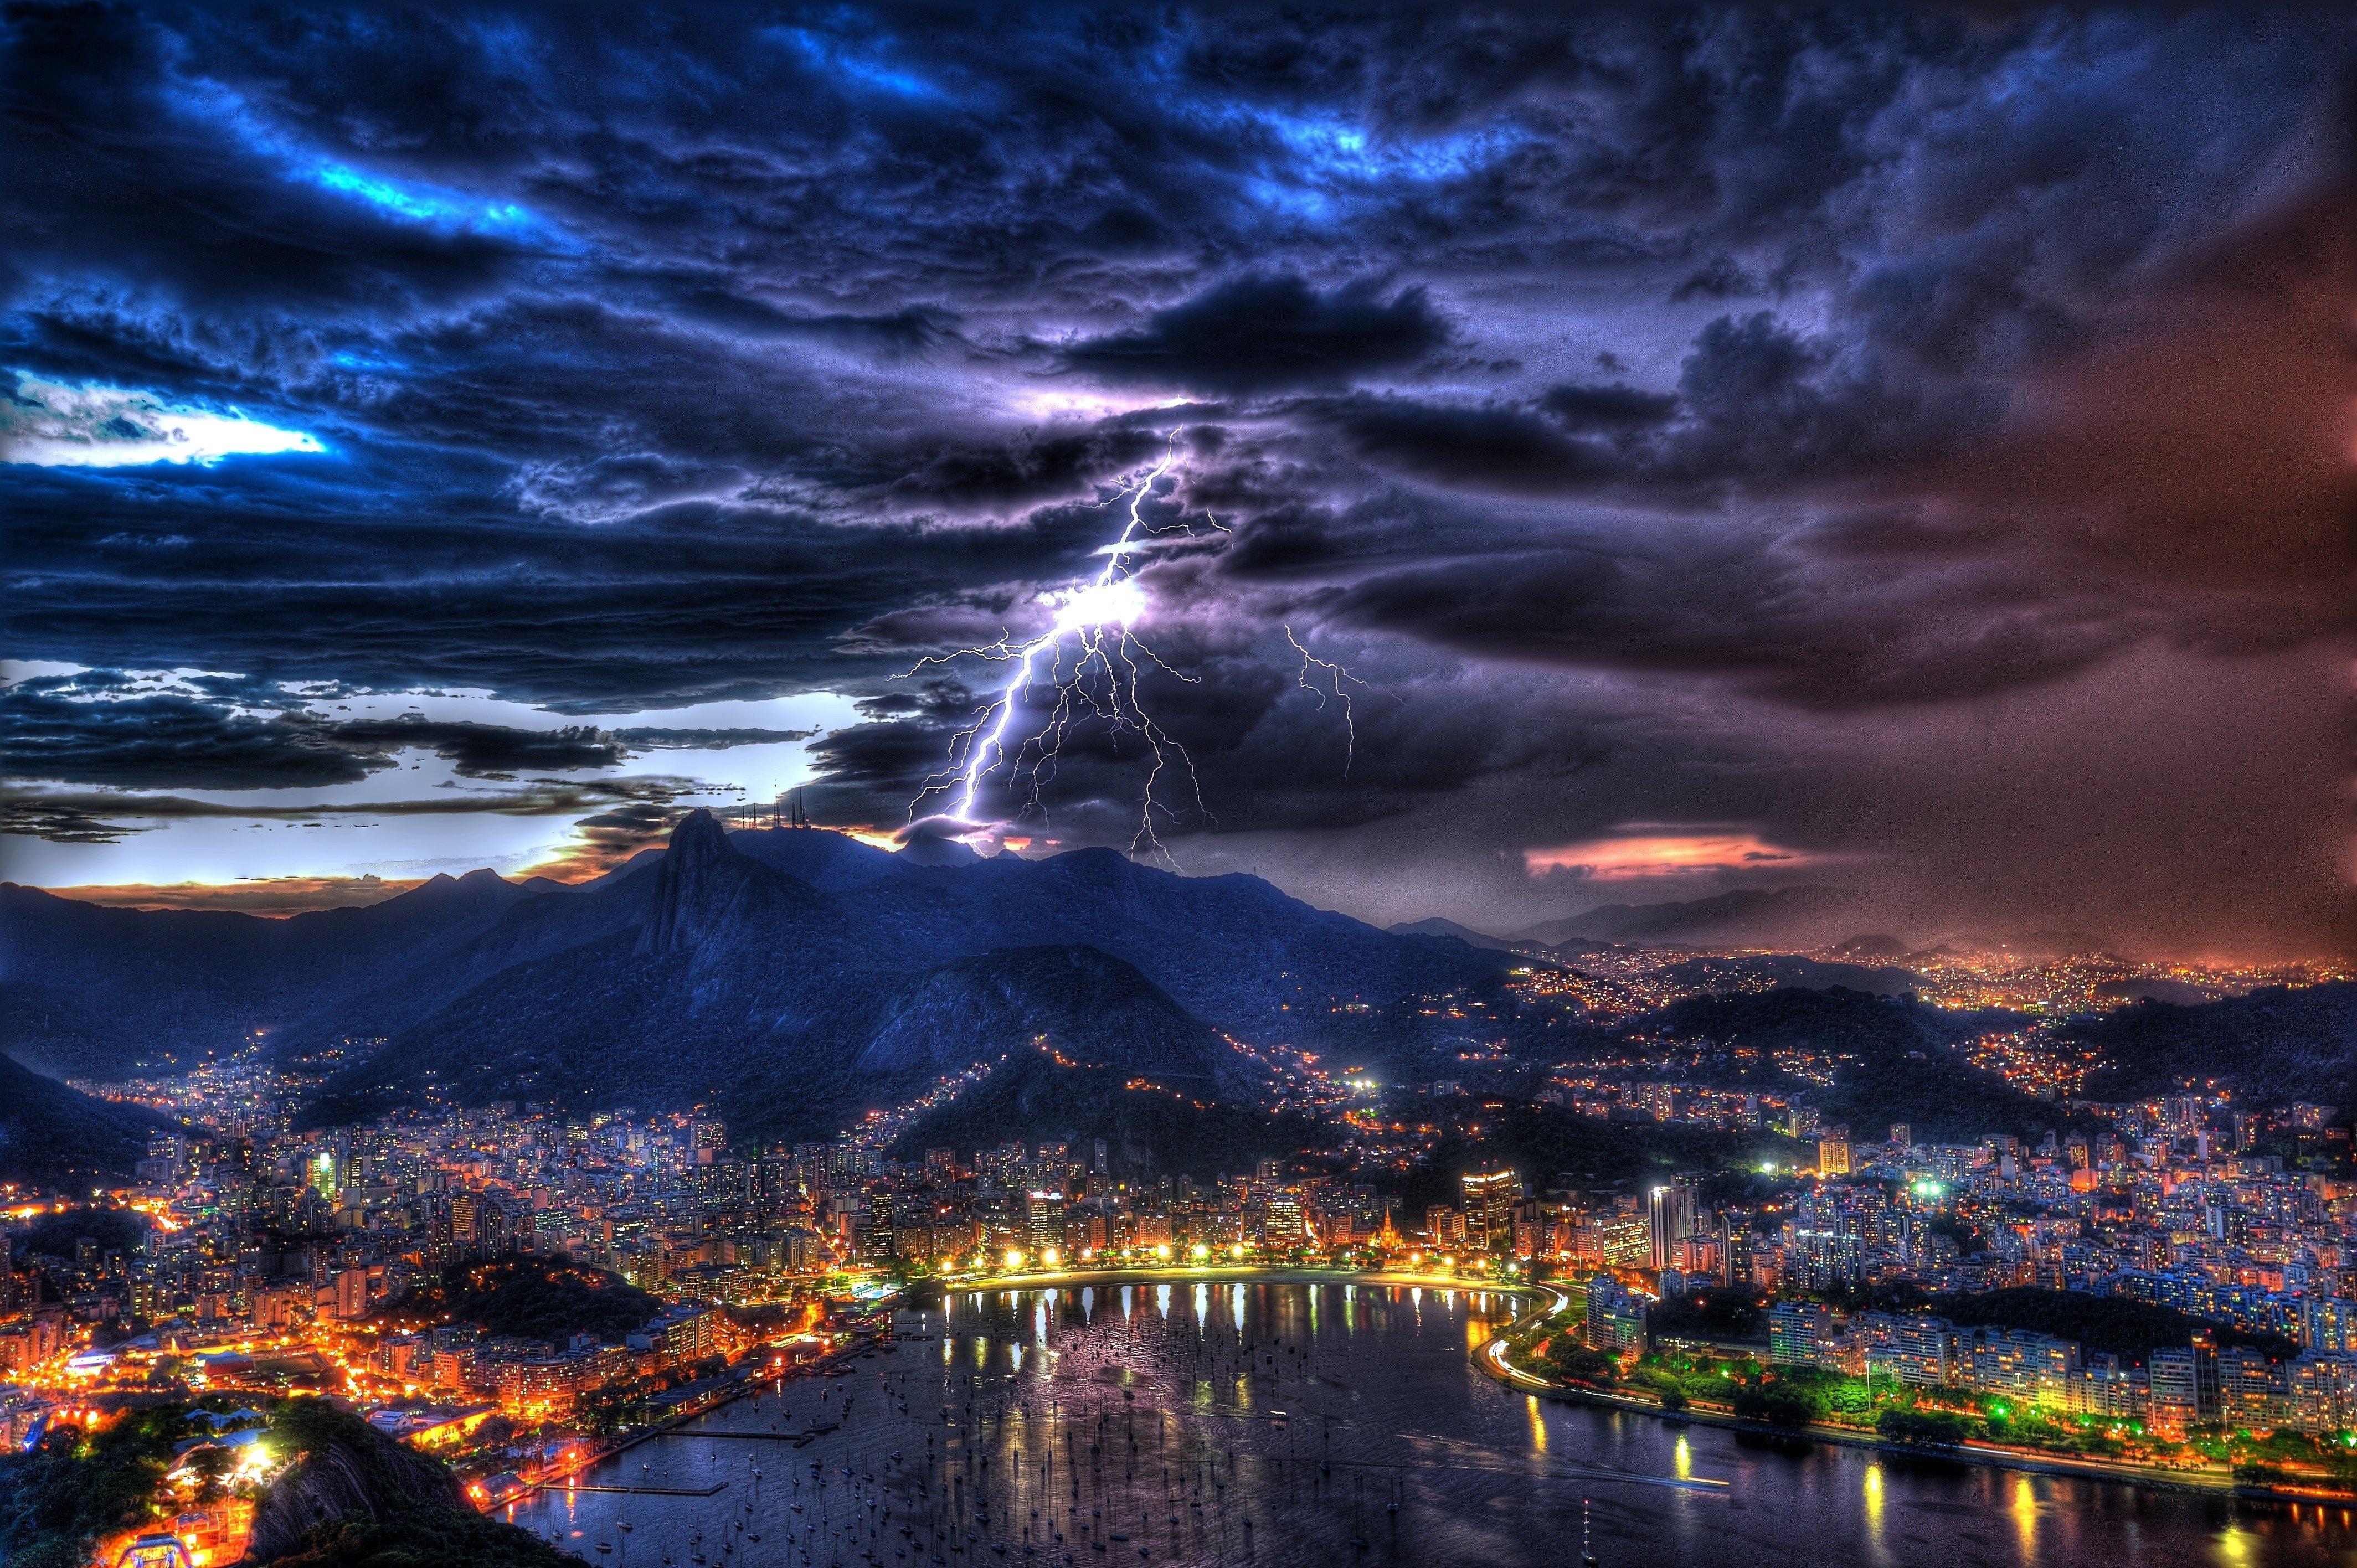 Rio de Janeiro Brazil night lightning h wallpaper  4256x2832  282298